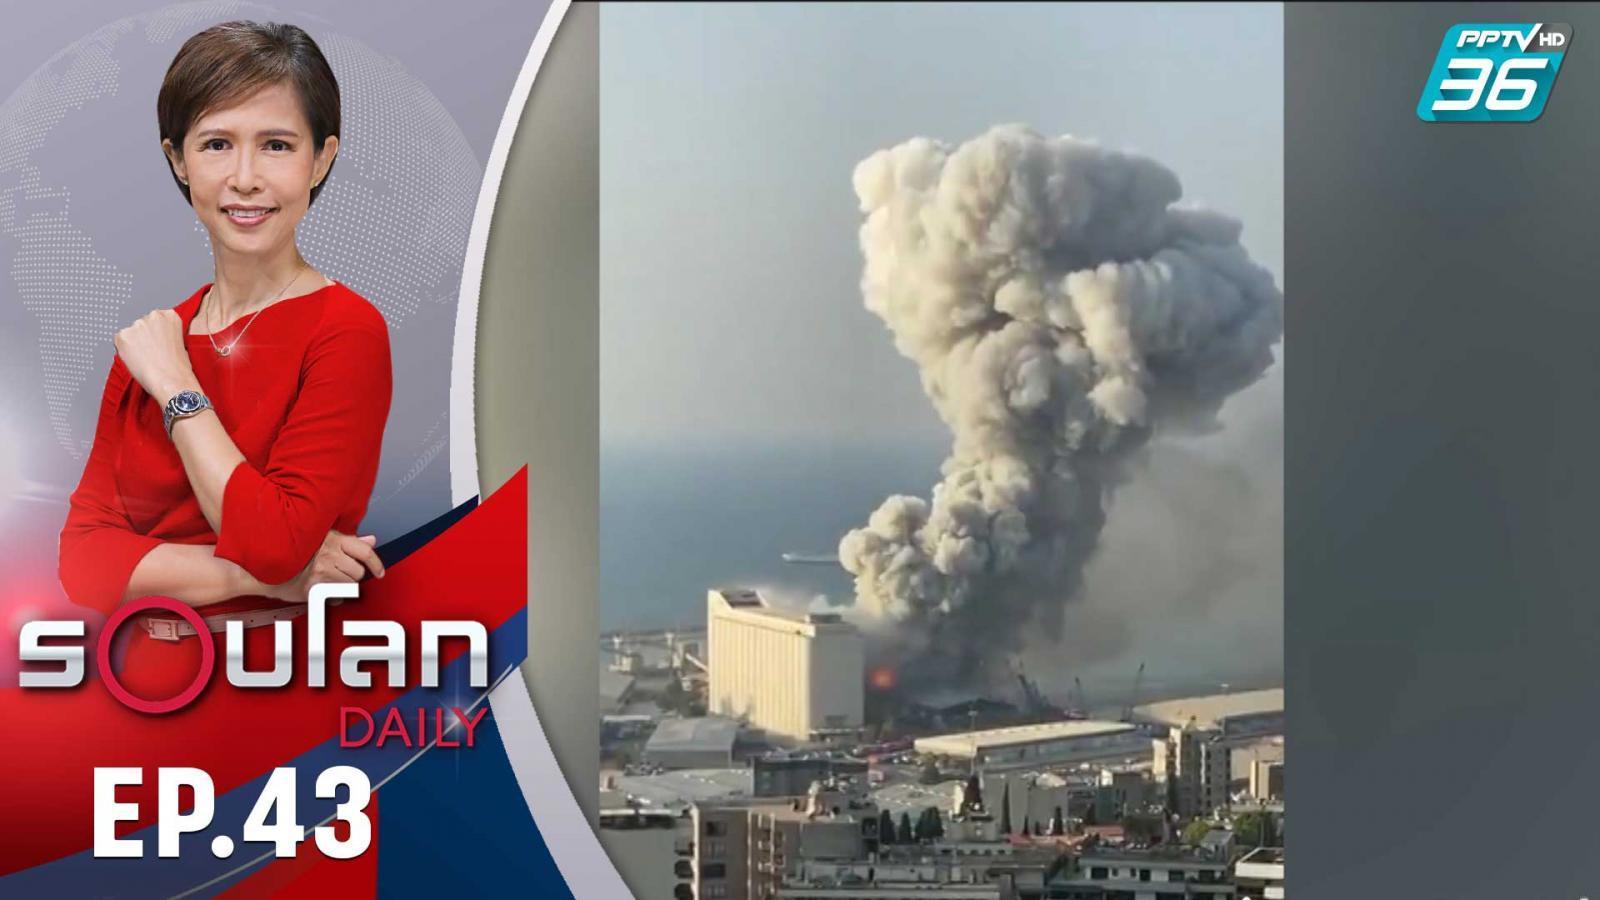 """ระเบิดรุนแรงในเลบานอน  ยังไม่สรุป """"อุบัติเหตุครั้งใหญ่"""" หรือ """"การโจมตีครั้งประวัติศาสตร์"""""""